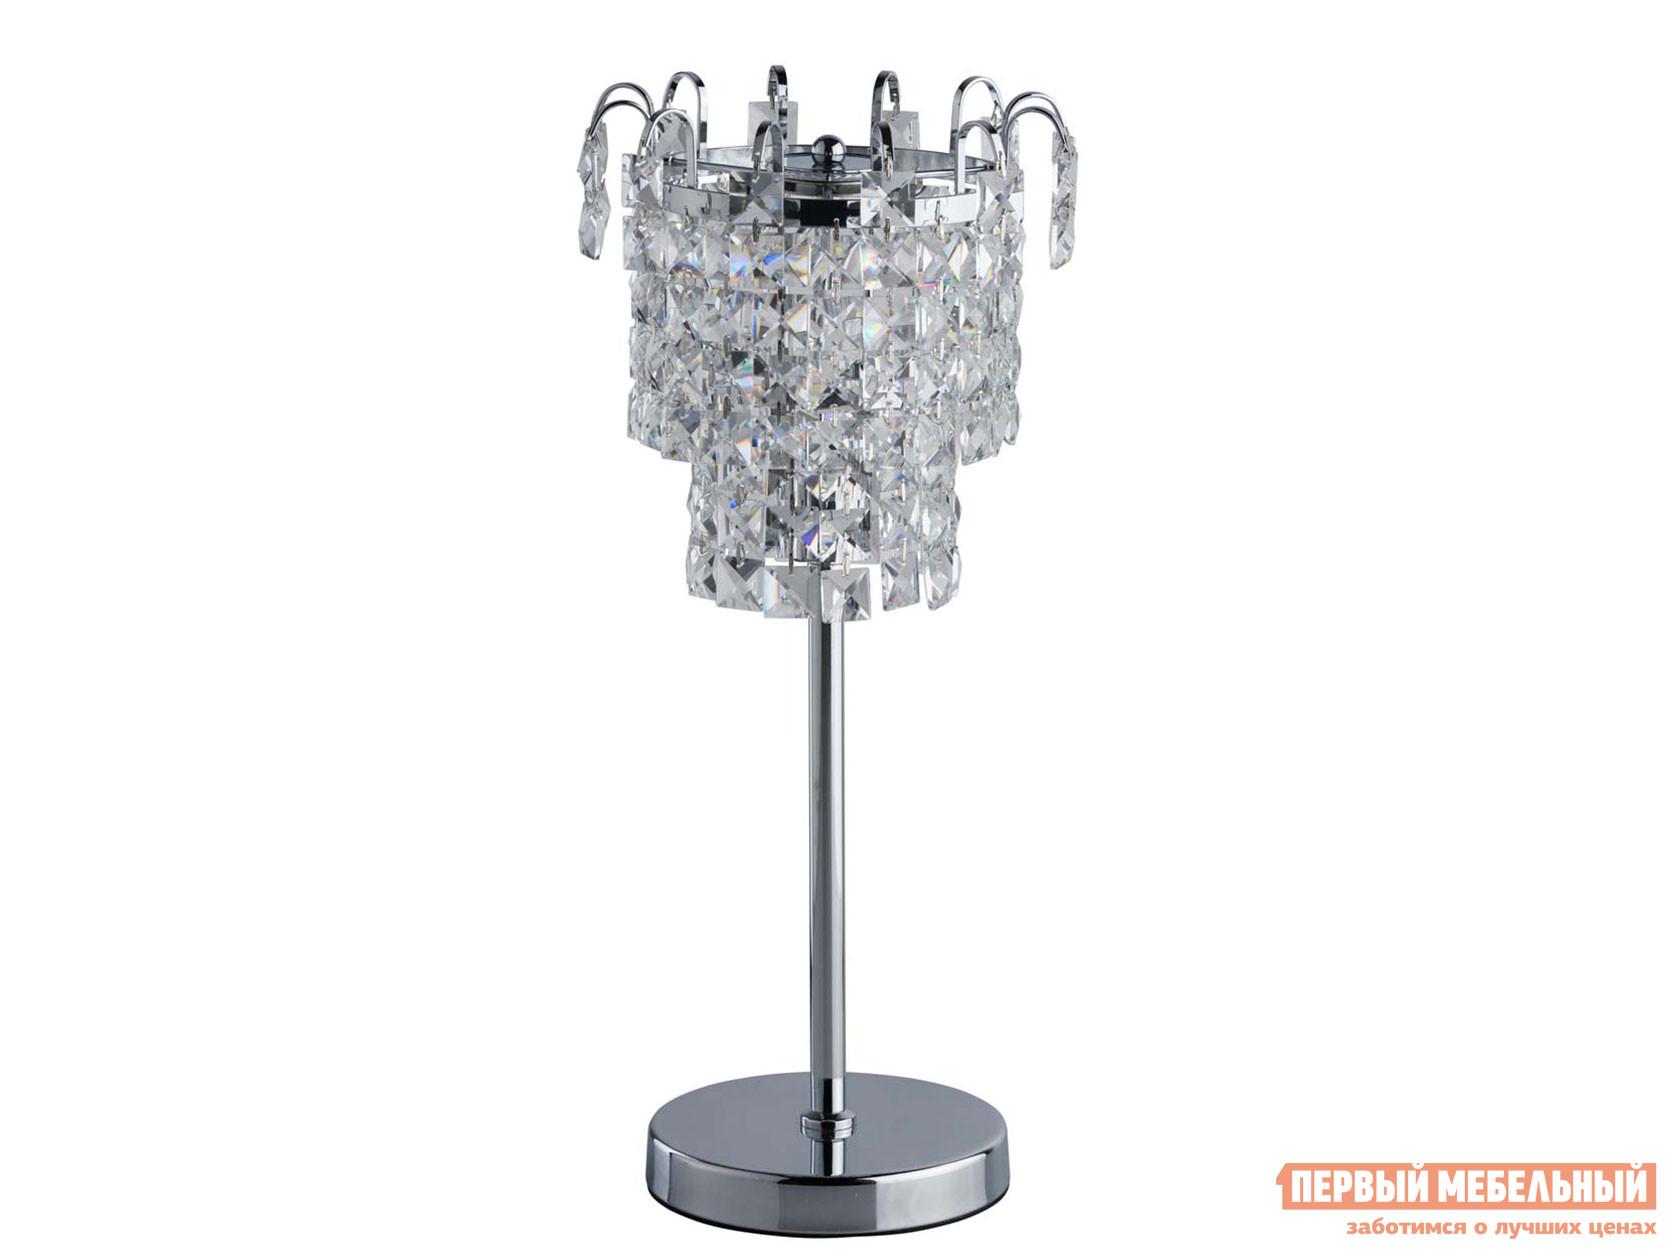 Настольная лампа Штерн 642033201 Аделард настольная лампа штерн 317031001 афродита